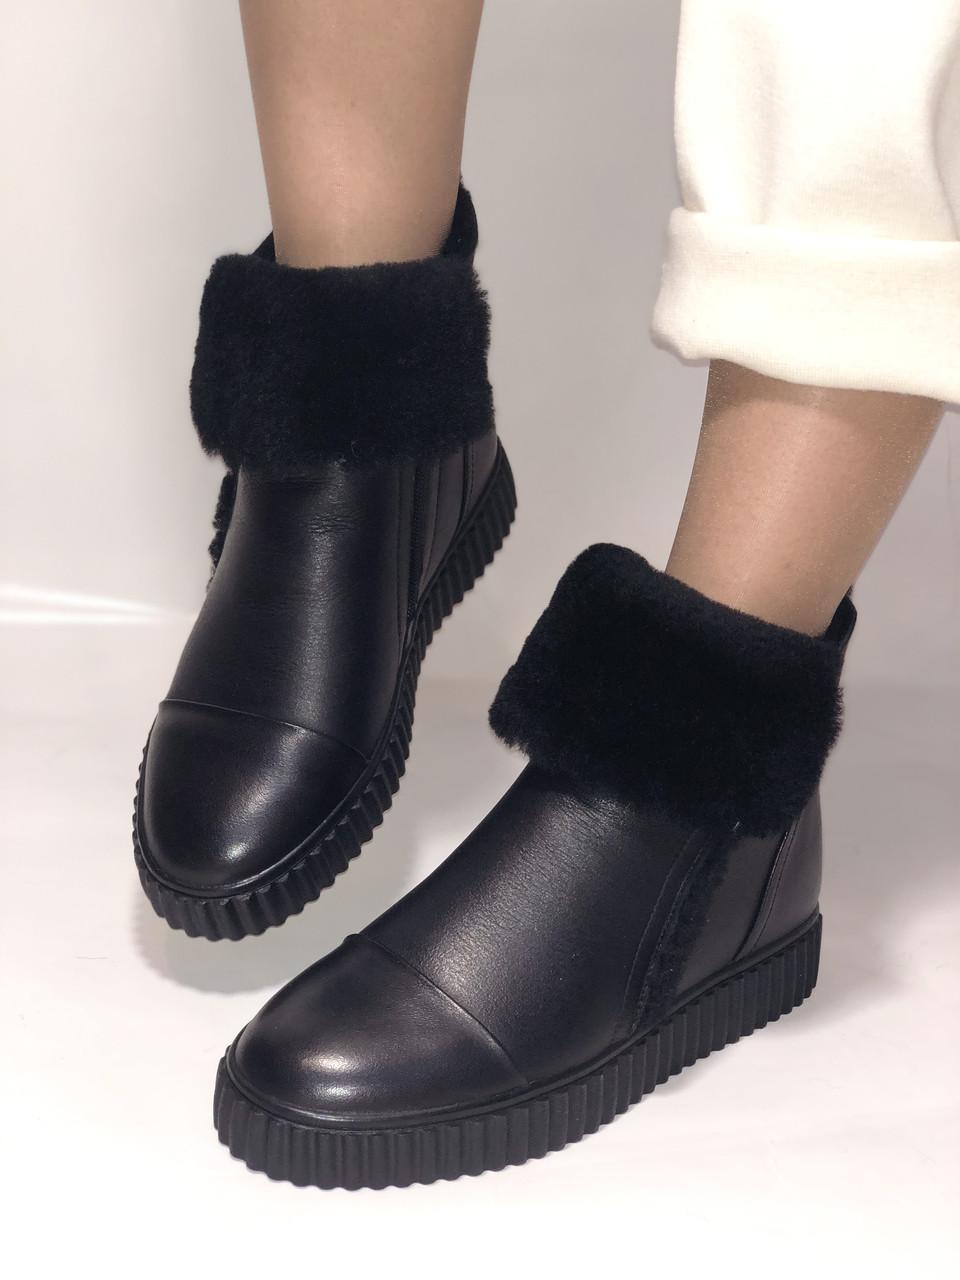 Erisses. Зимние ботинки на натуральном меху на низкой  подошве, Р.37-39